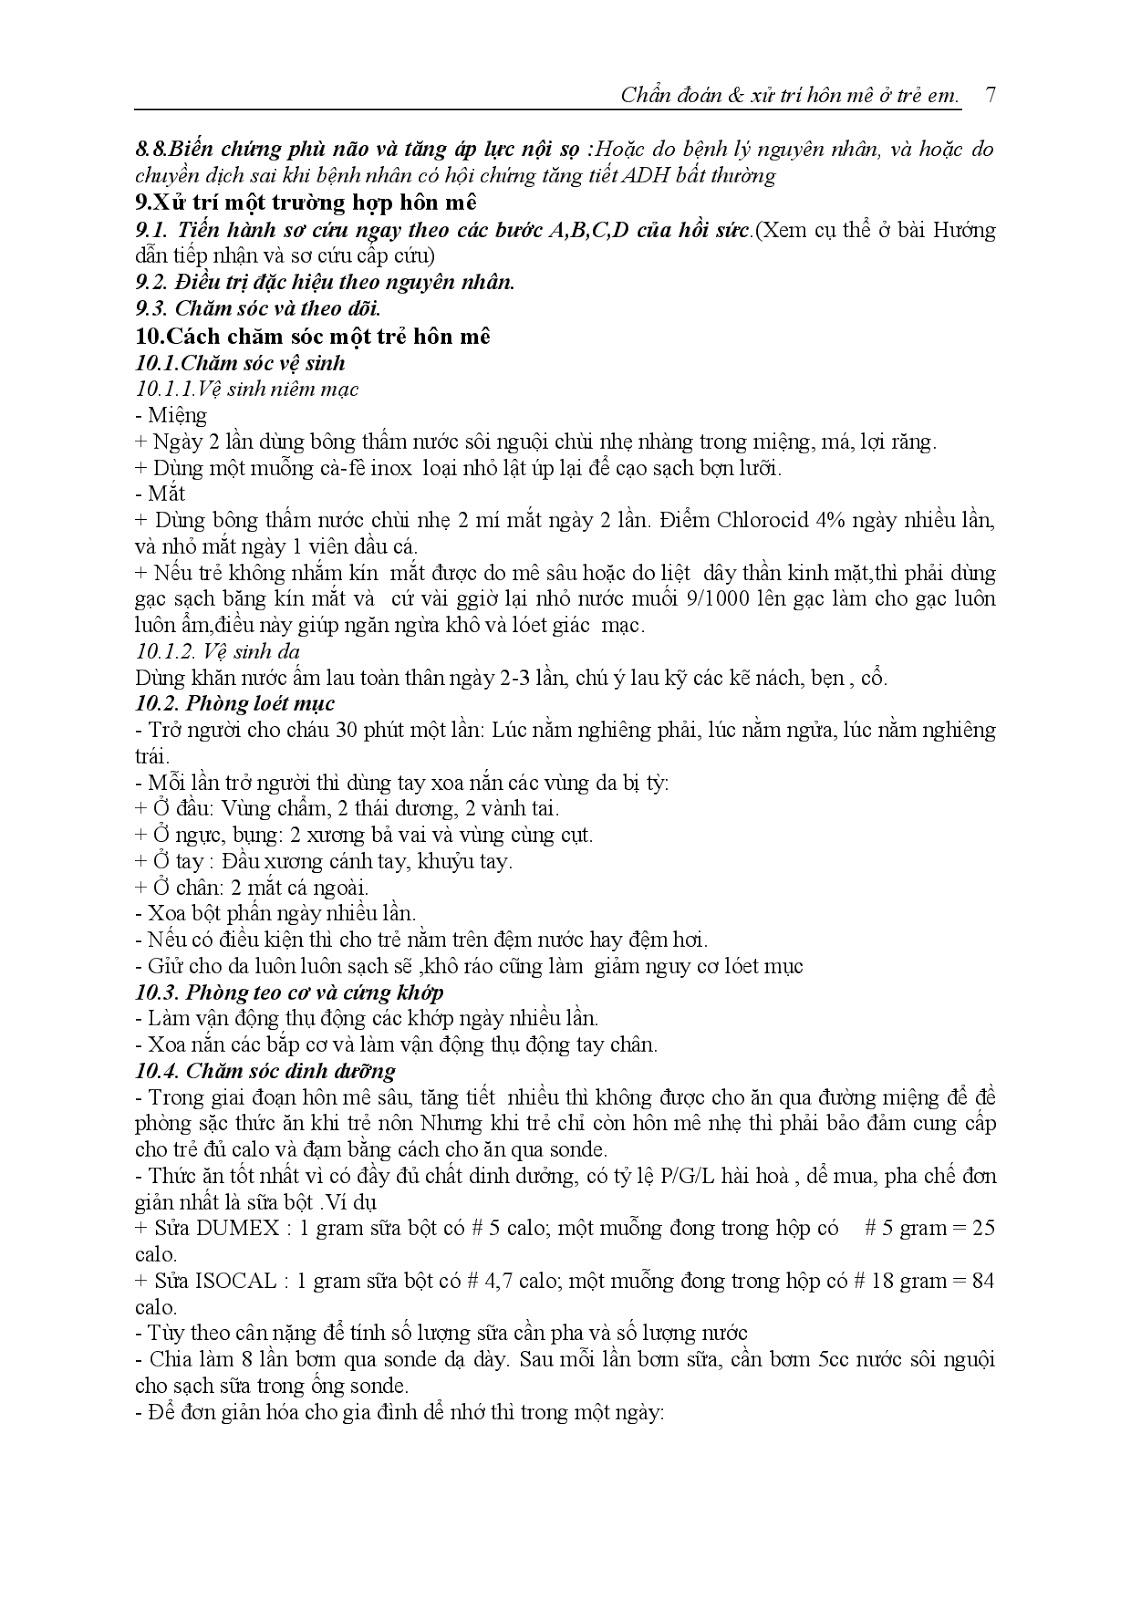 Trang 8 sach Bài giảng Nhi khoa III (Sơ sinh - Cấp cứu - Thần kinh - Chăm sóc sức khỏe ban đầu) - ĐH Y Huế